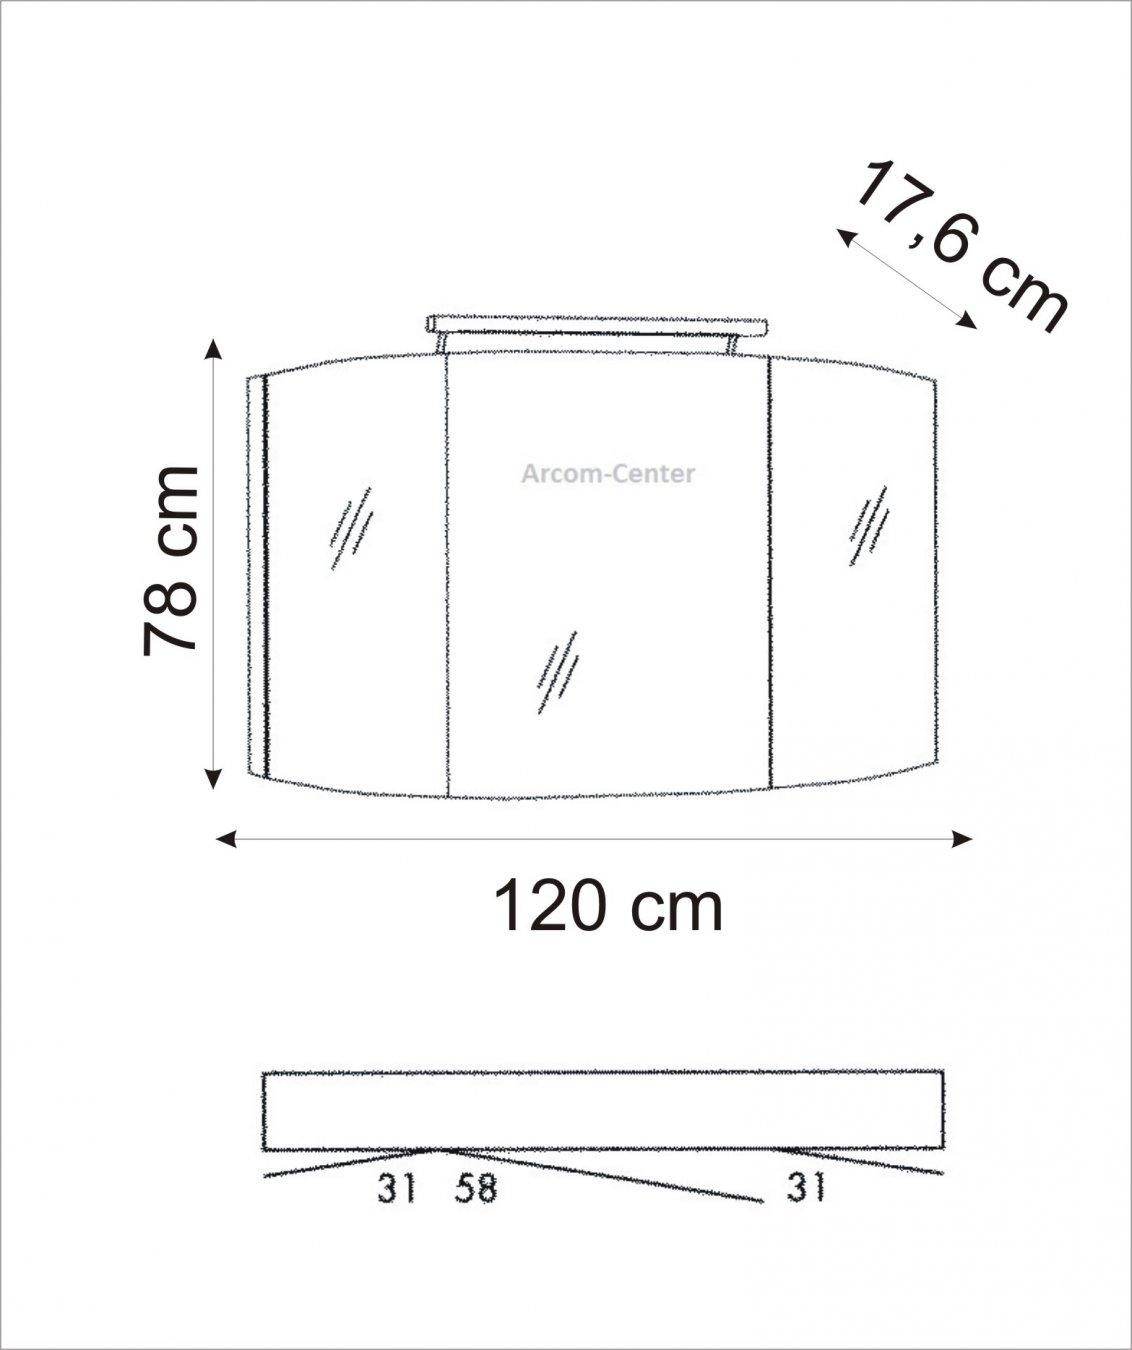 Marlin bad 3100 scala spiegelschrank 120 cm mit led band for Spiegelschrank bad 120 cm